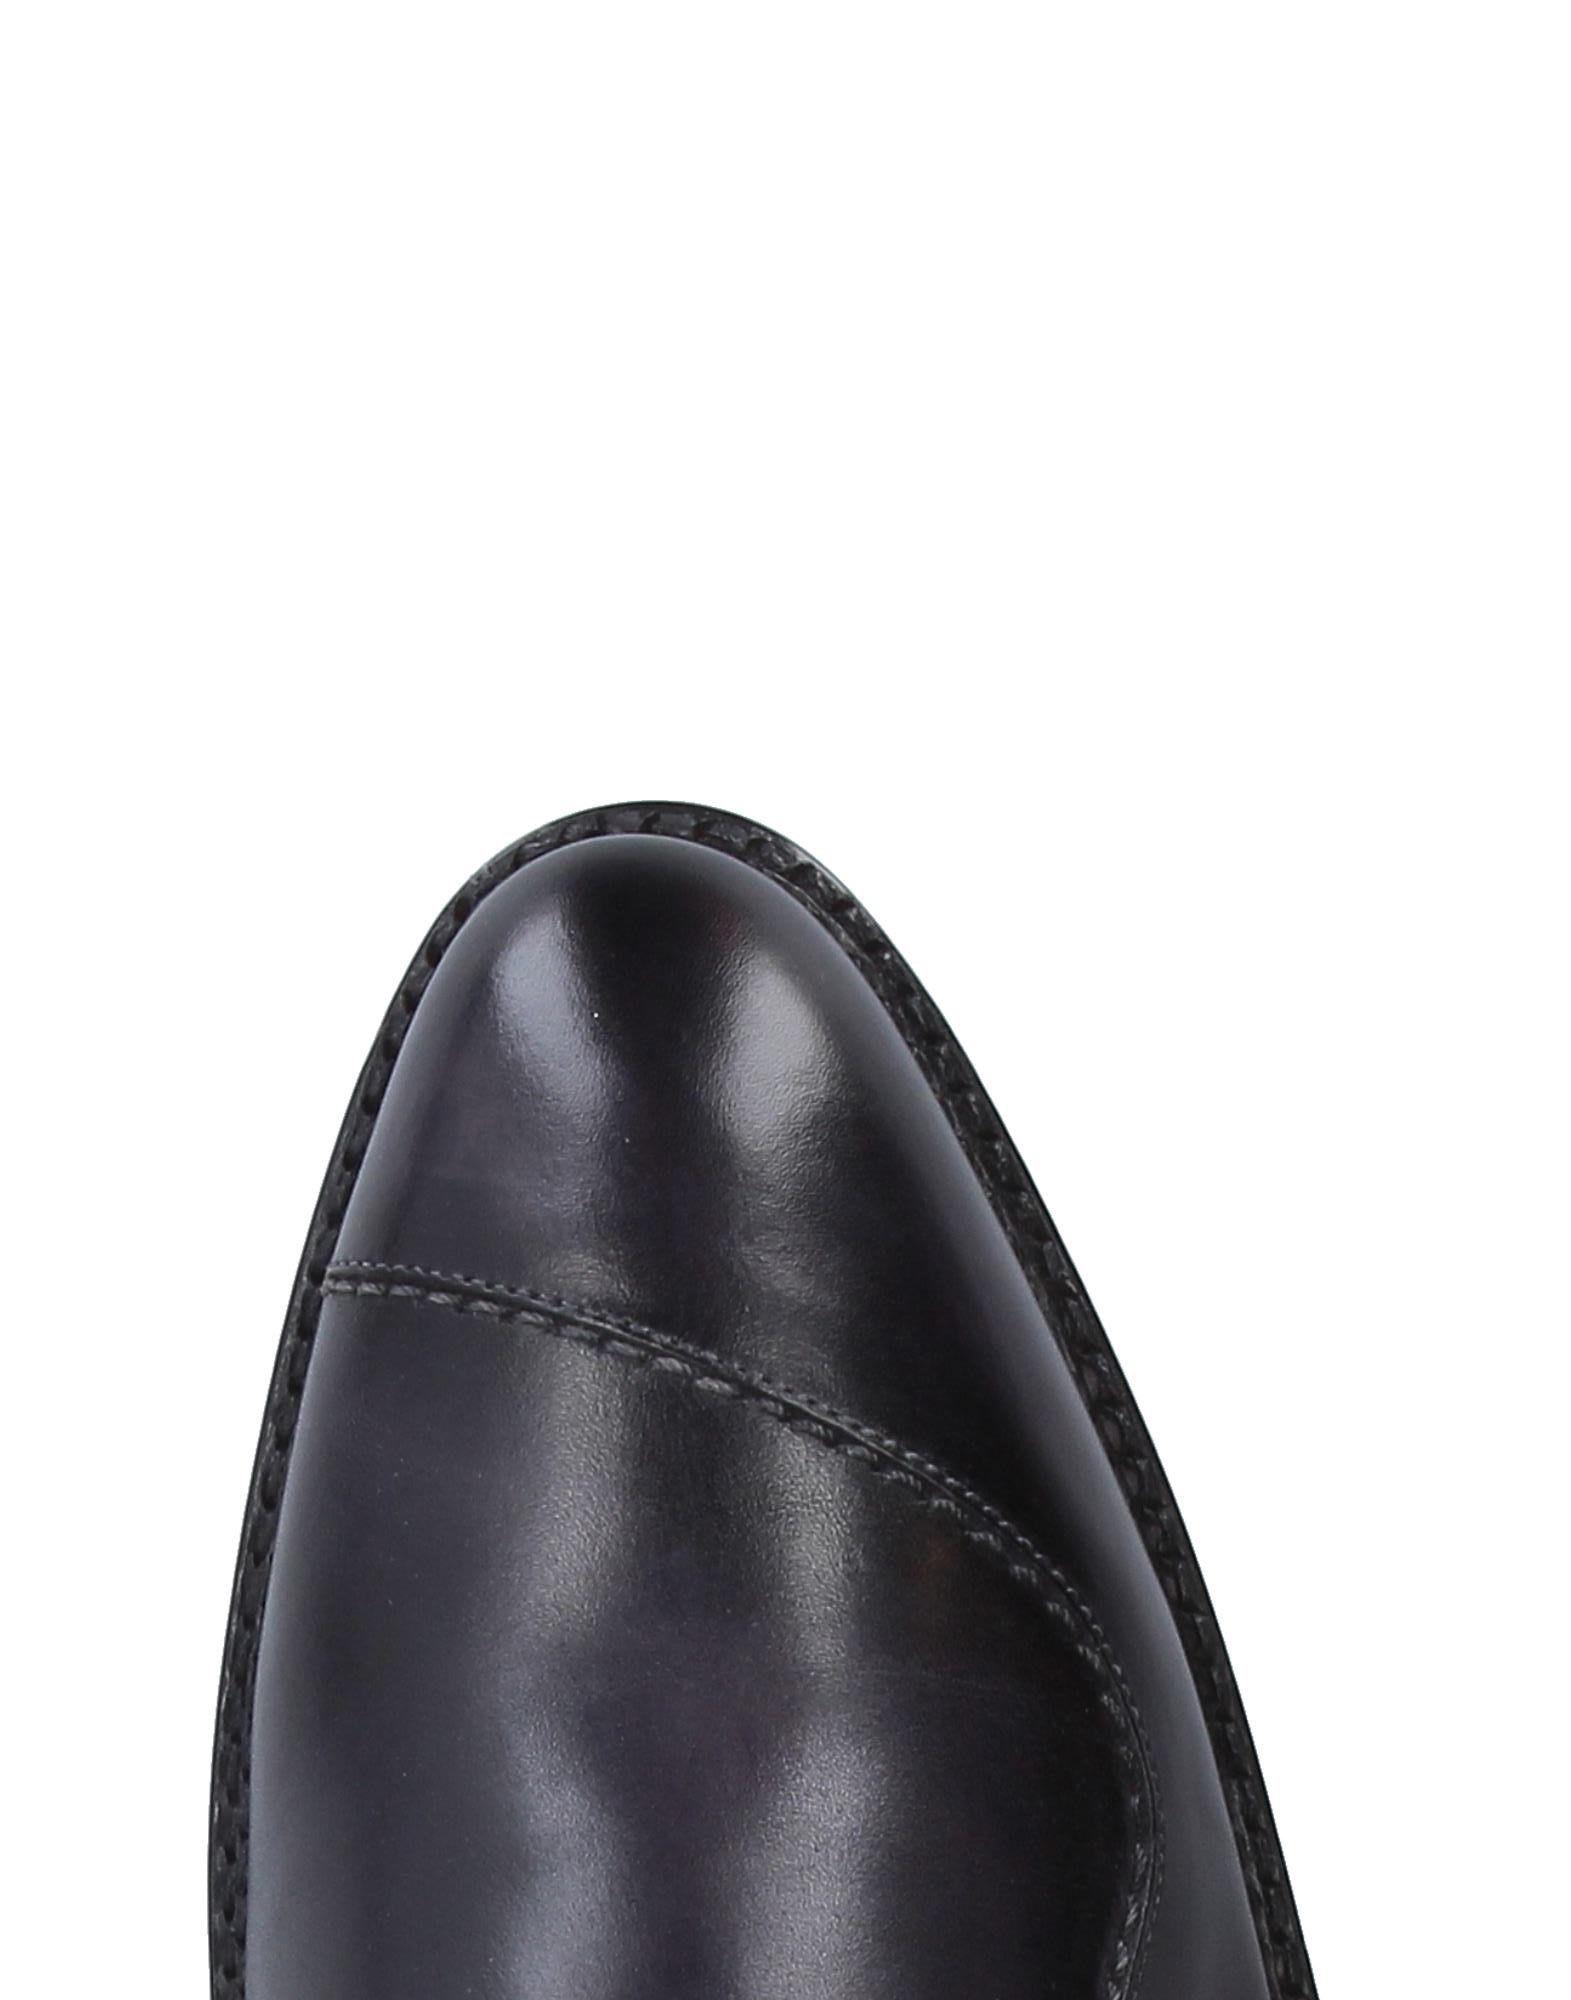 Zenobi Schnürschuhe Herren  11313728VK Gute Qualität beliebte Schuhe